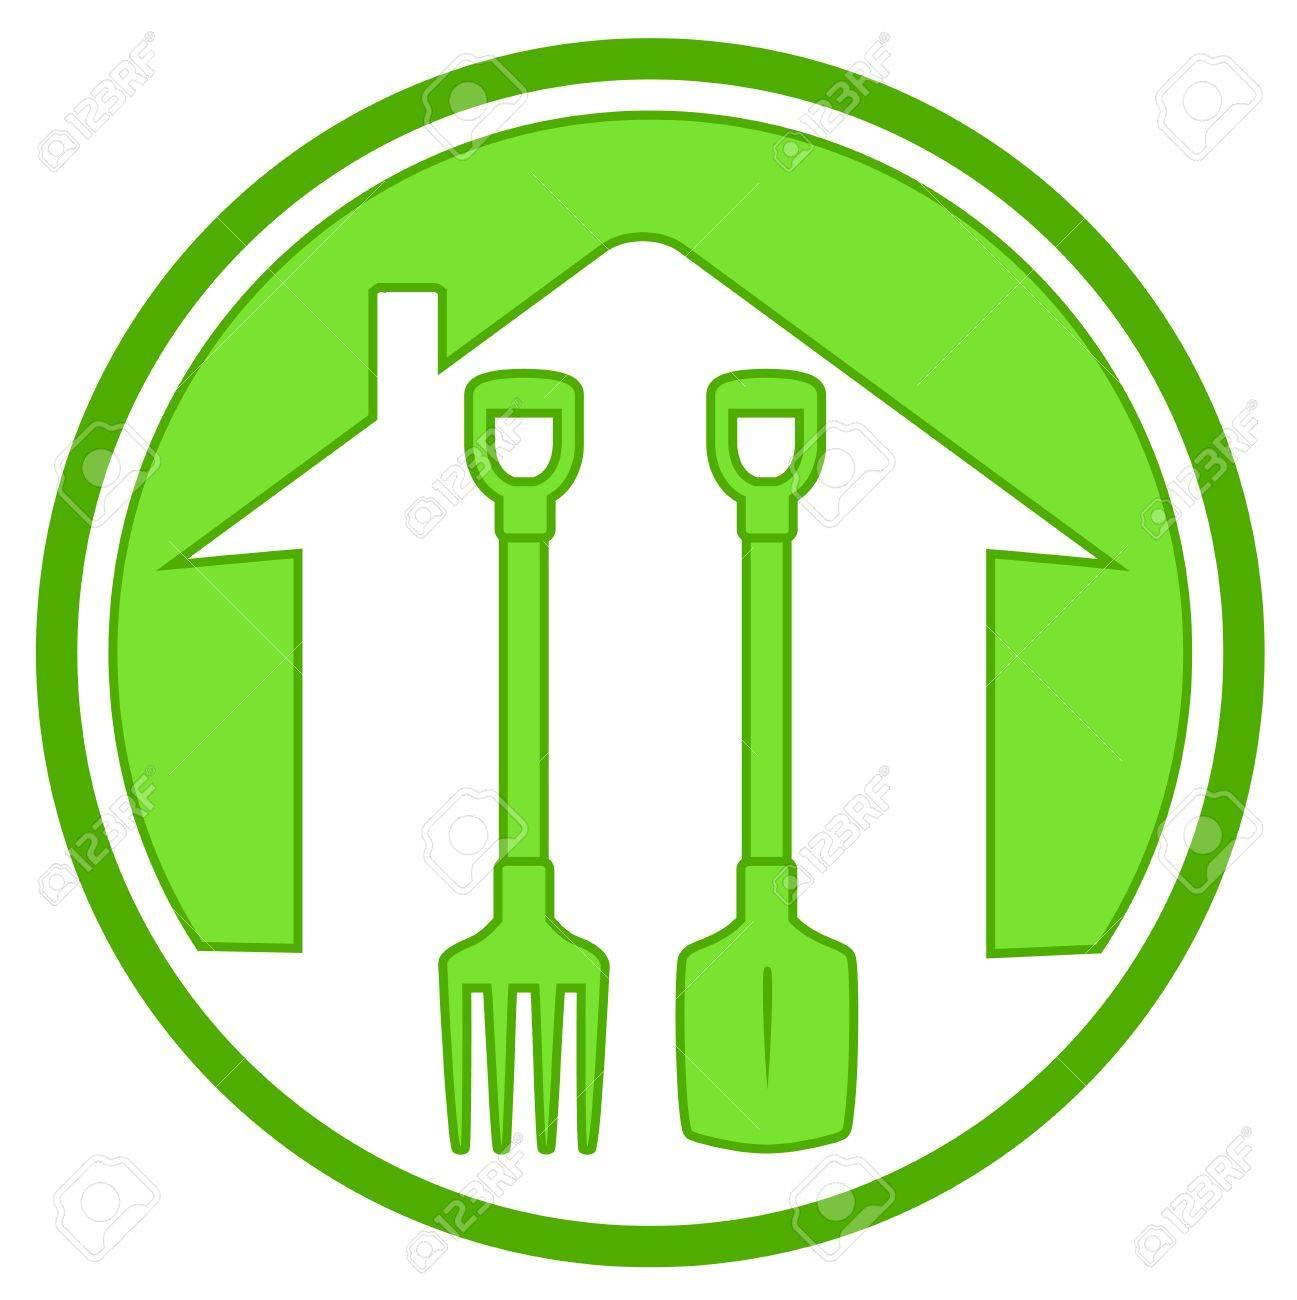 Icône Verte Avec La Maison Silhouette Et Outils De Jardinage Clip ...